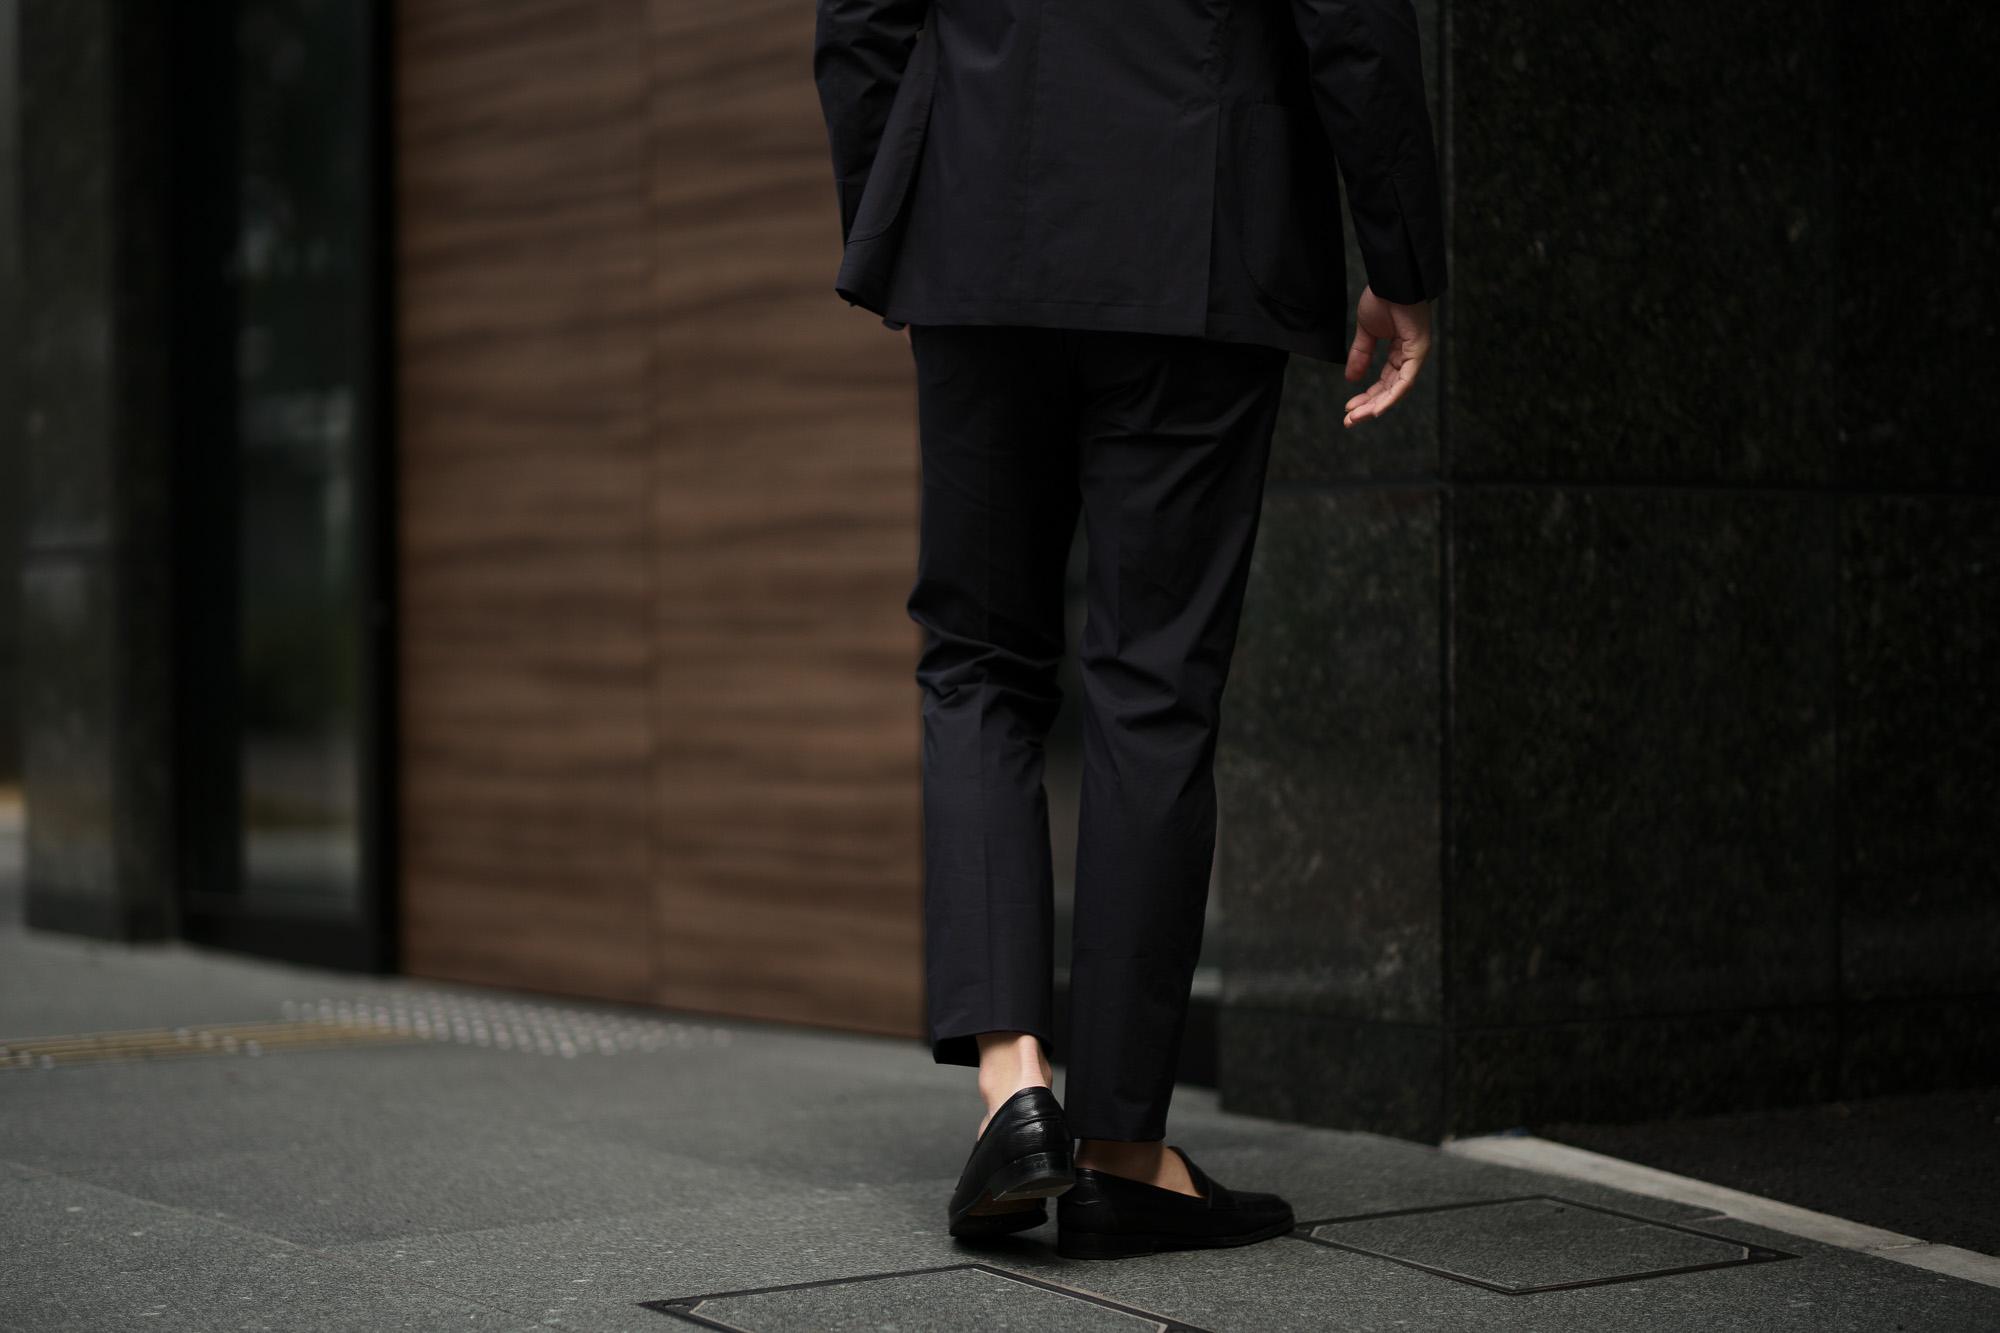 LARDINI (ラルディーニ) EASY WEAR (イージーウエア) Cotton Suit (コットン スーツ) コットン ストレッチ ポプリン スーツ NAVY (ネイビー・4) made in italy (イタリア製) 2019 春夏新作 愛知 名古屋 altoediritto アルトエデリット